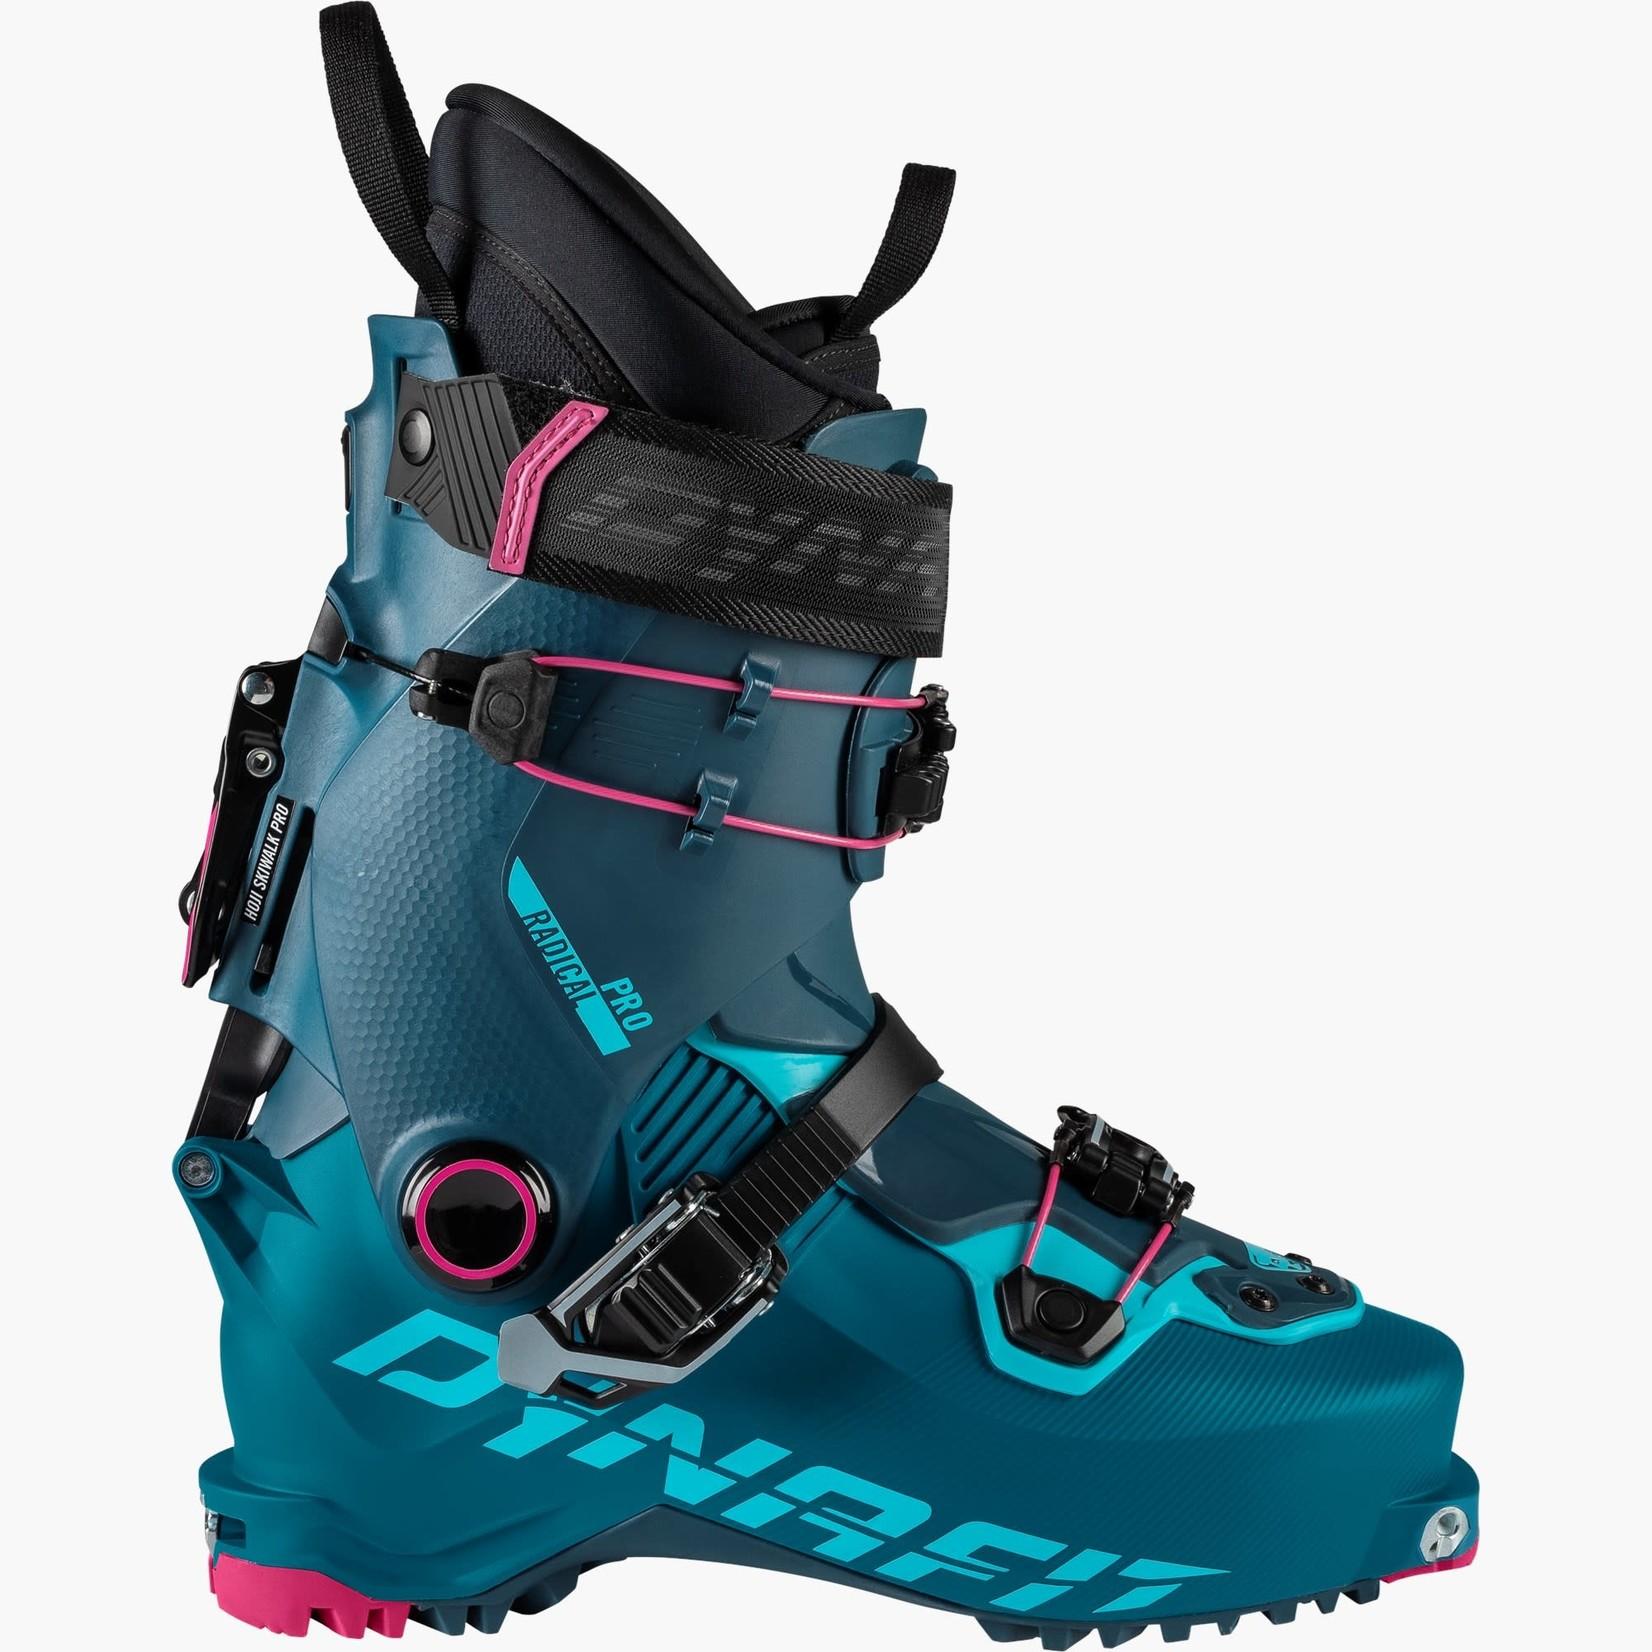 Dynafit Botte de ski Dynafit Radical Pro - Femme